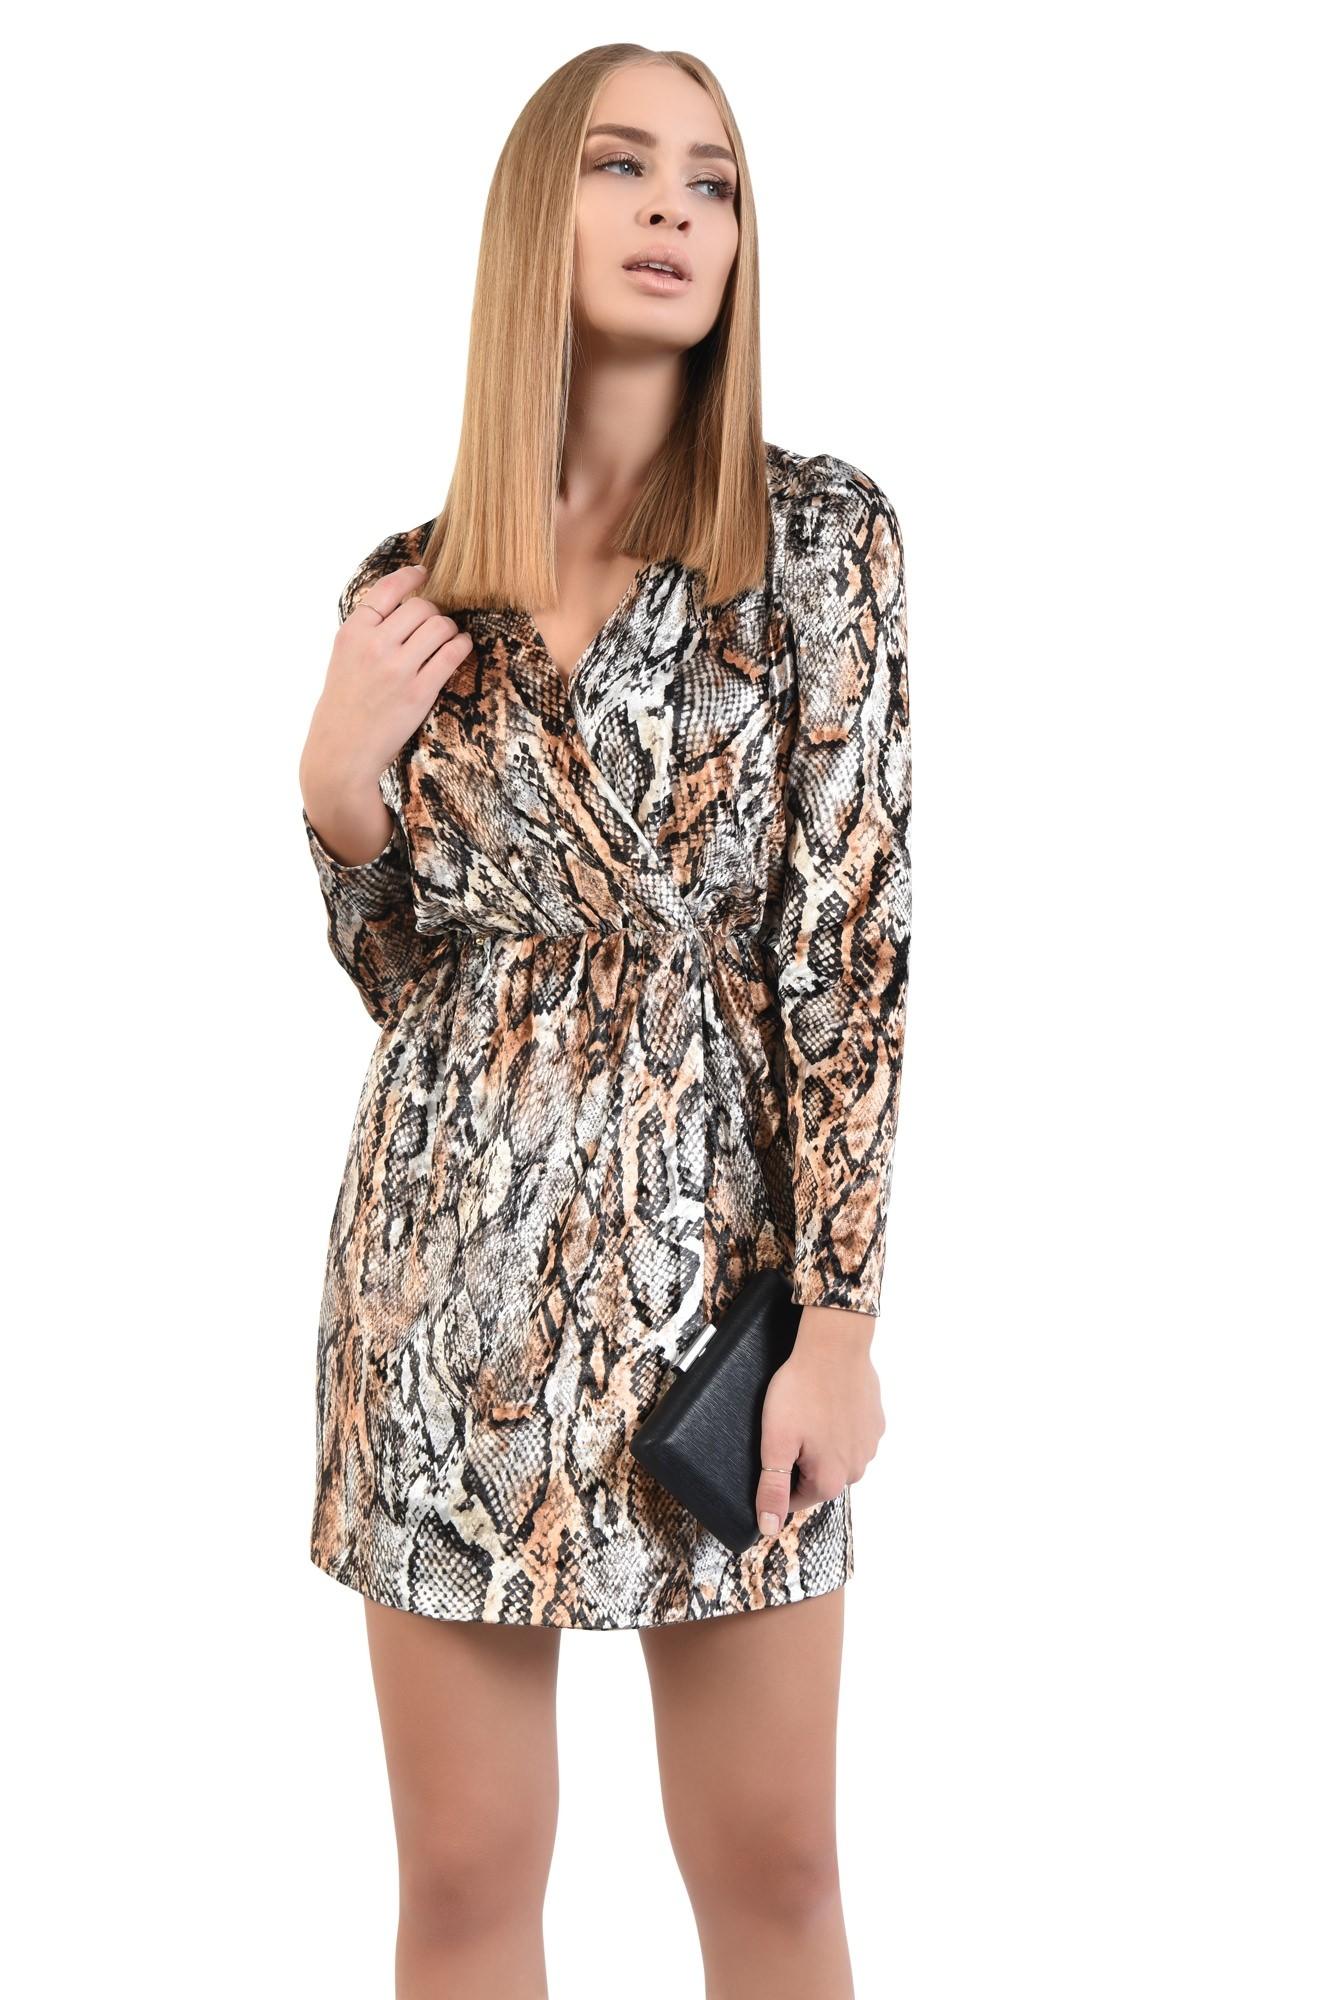 rochie de seara, catifea imprimata, scurta, cu anchior, rochii online